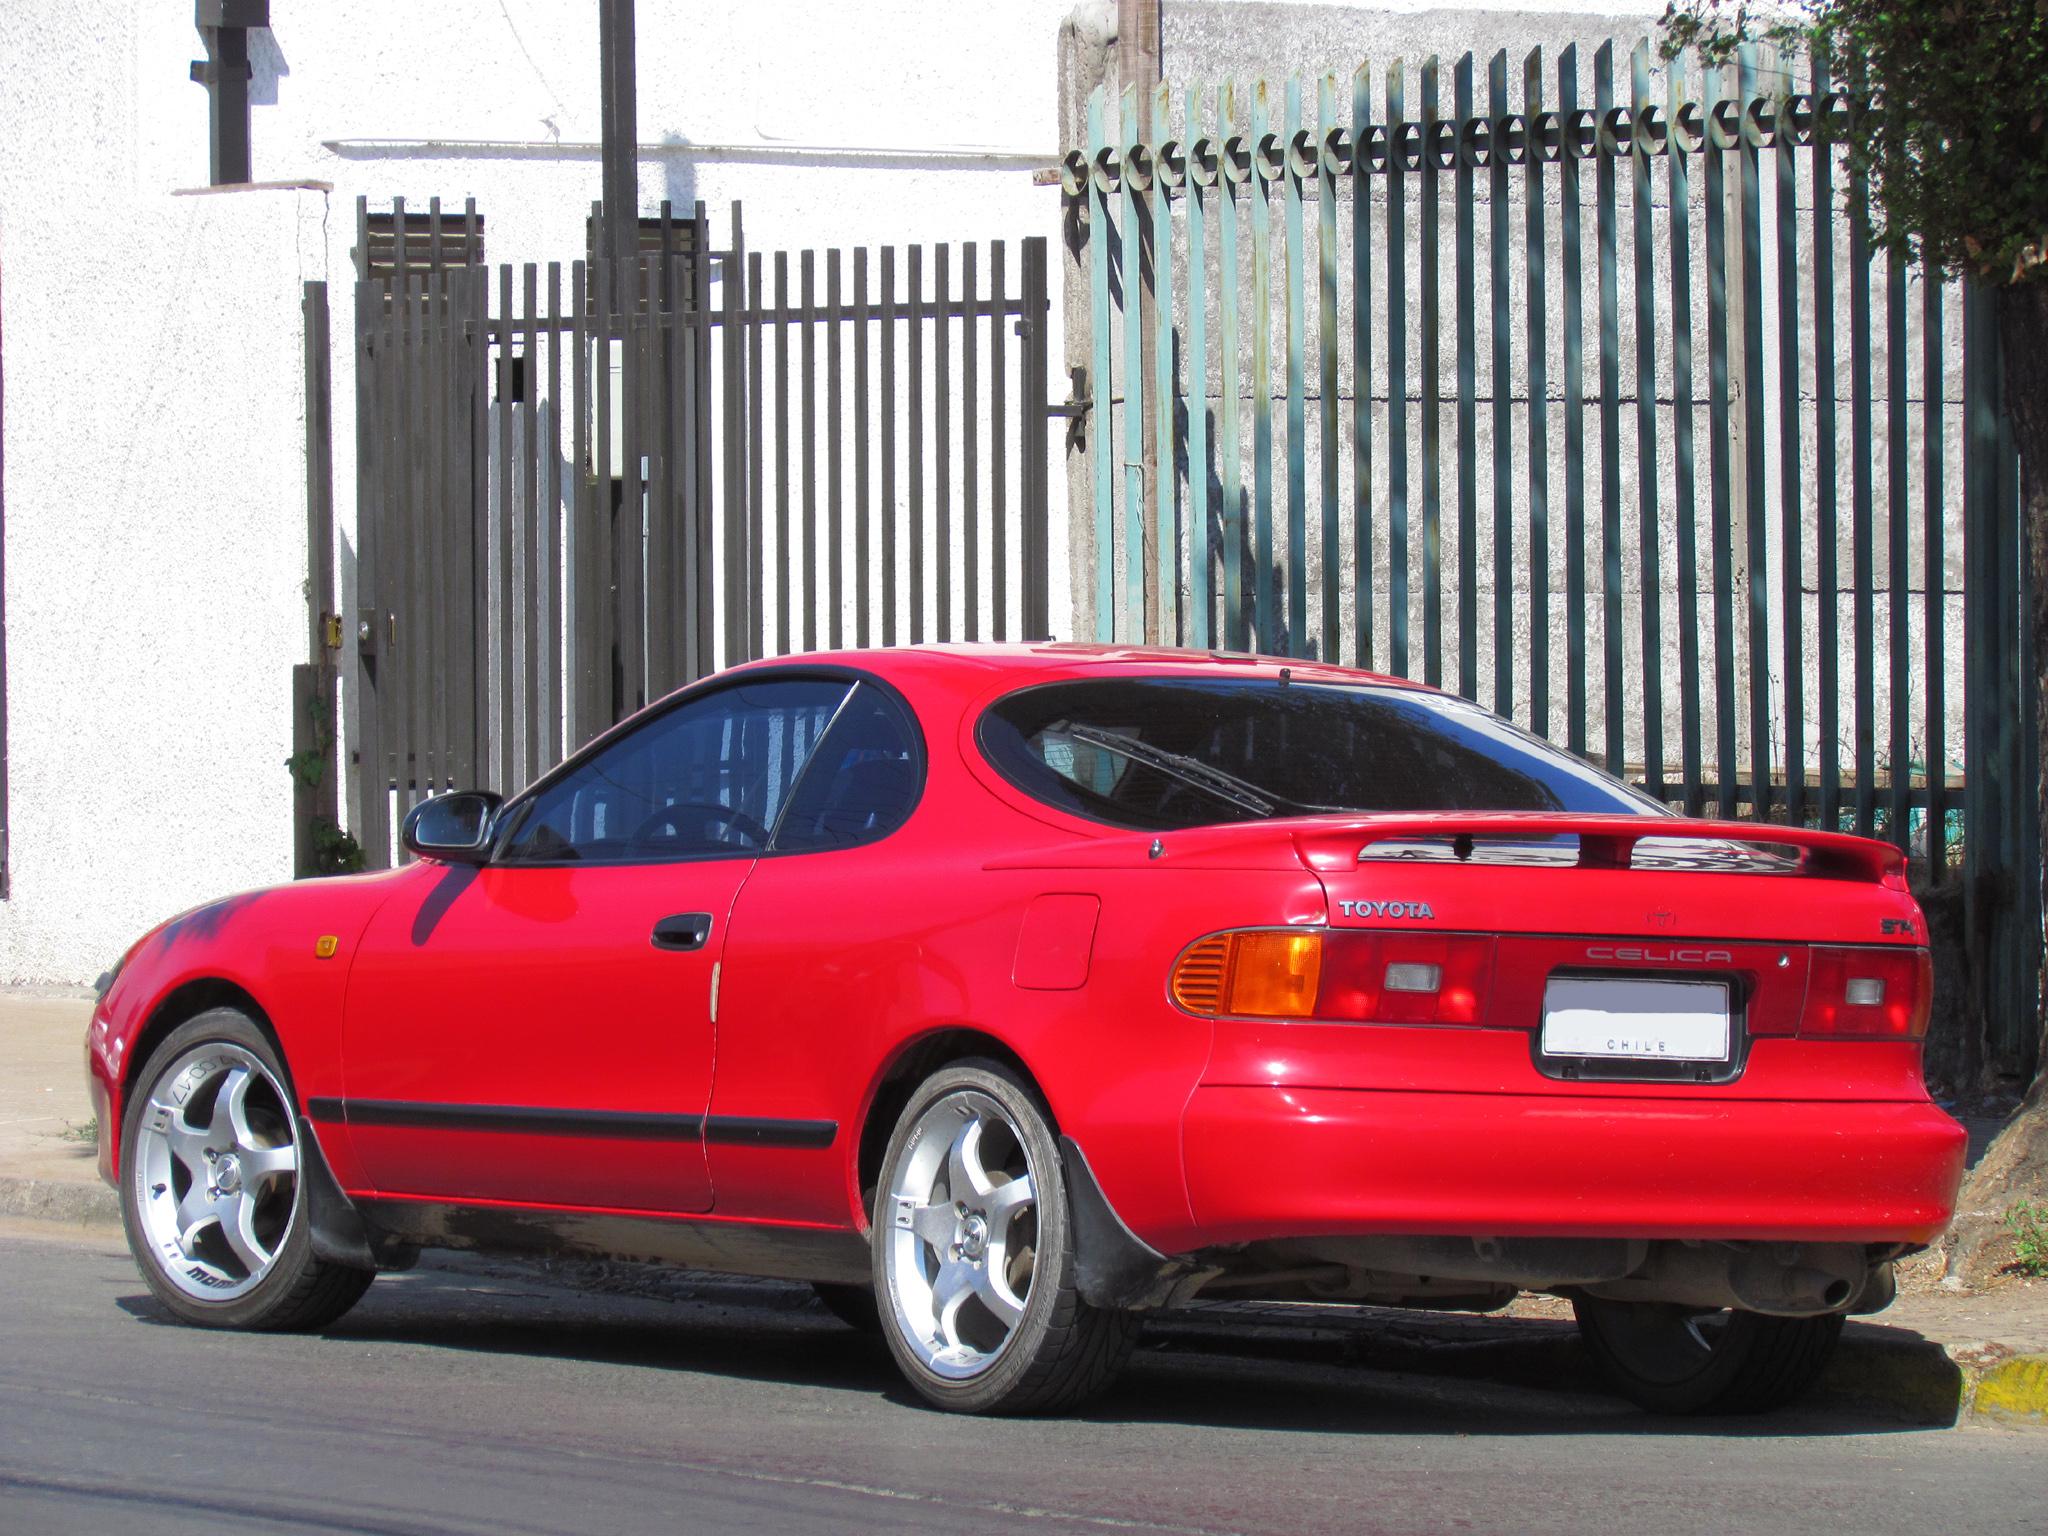 Kelebihan Toyota Celica 1992 Top Model Tahun Ini